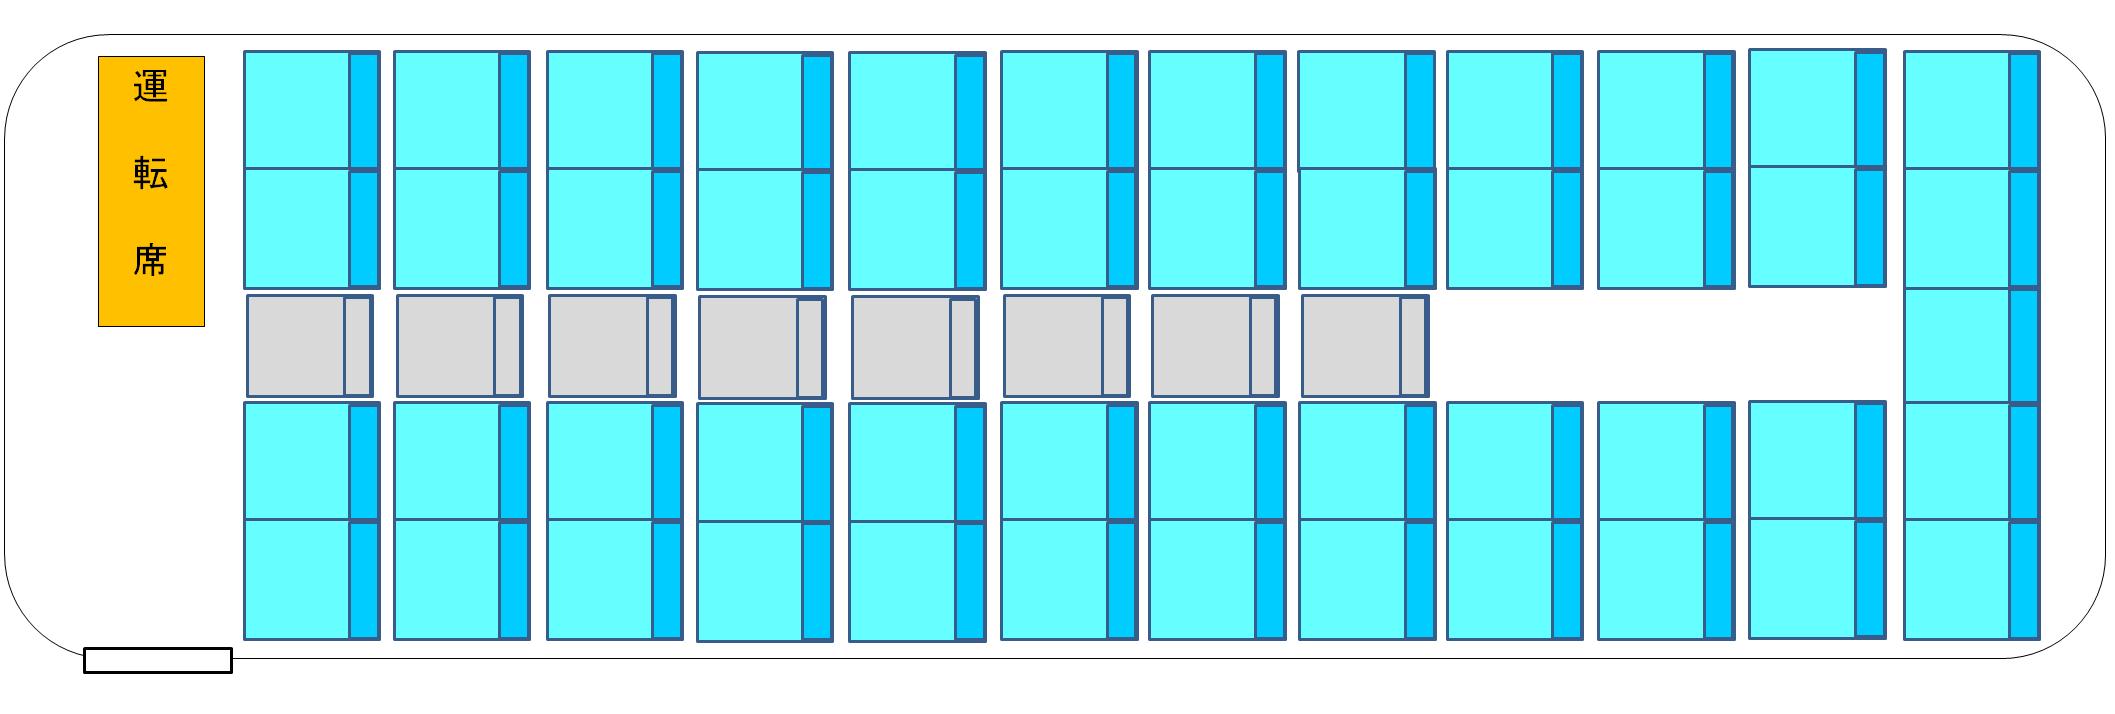 large_sheet01.png